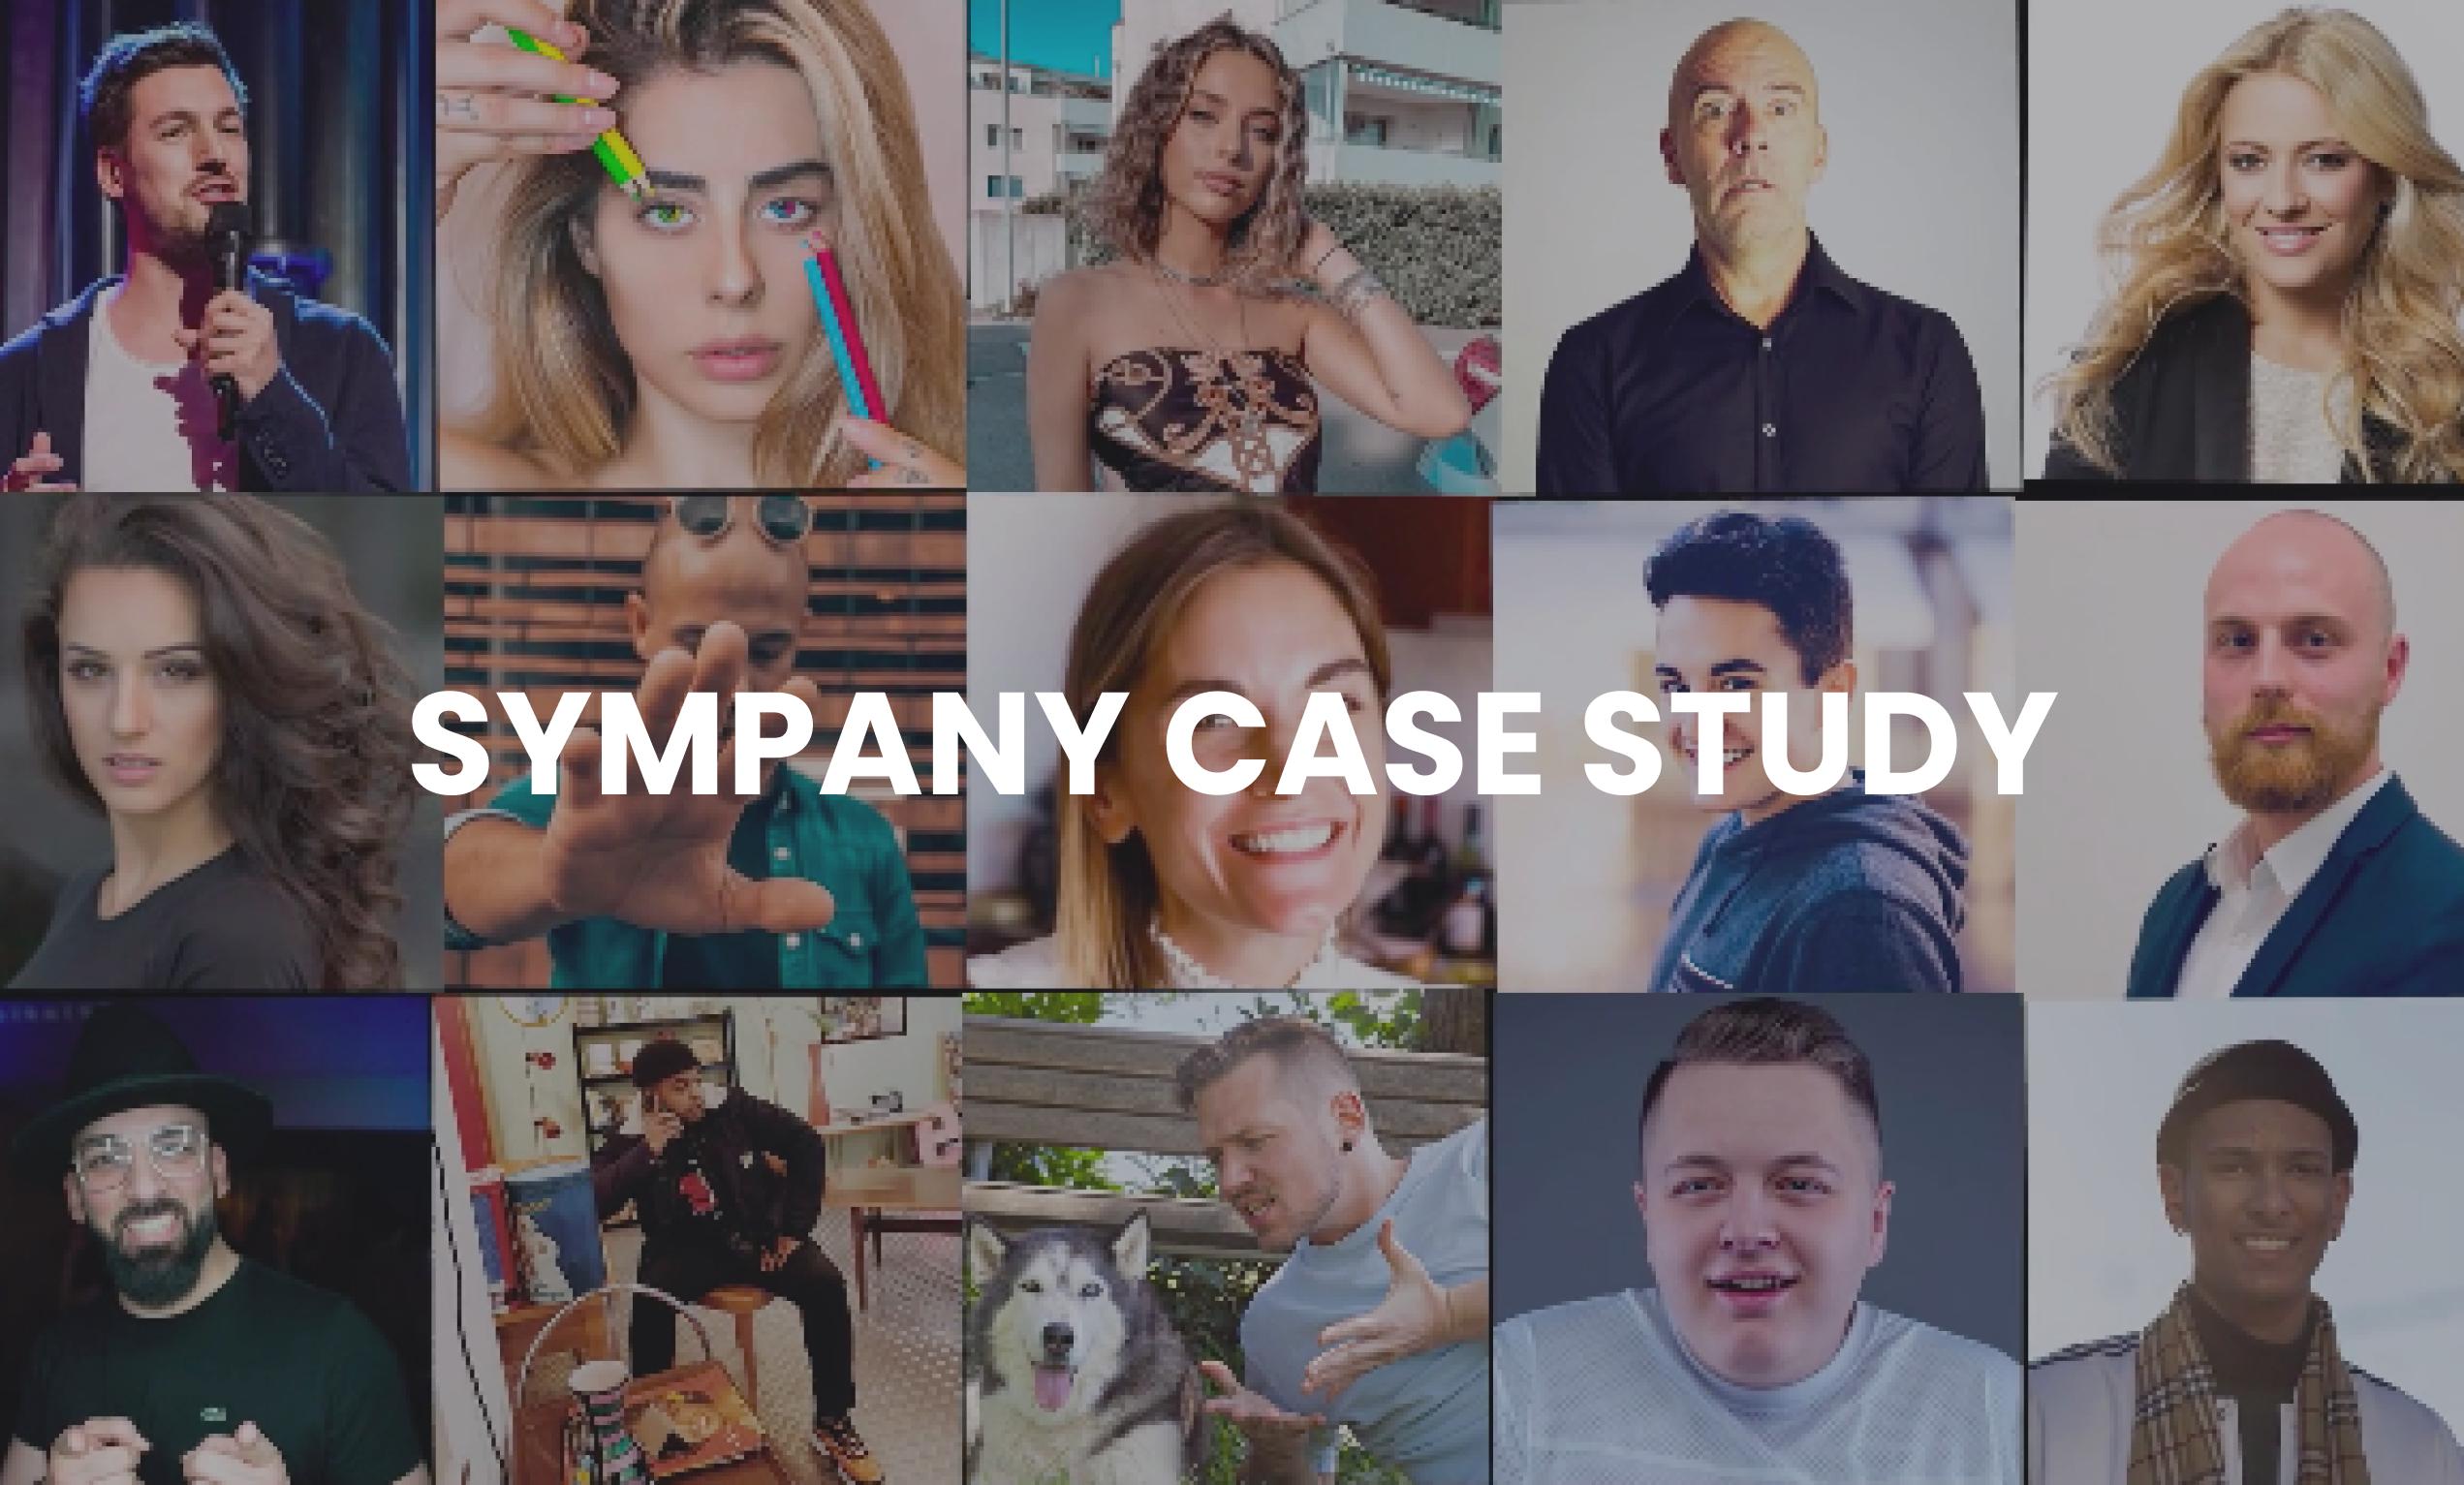 Sympany Case Study